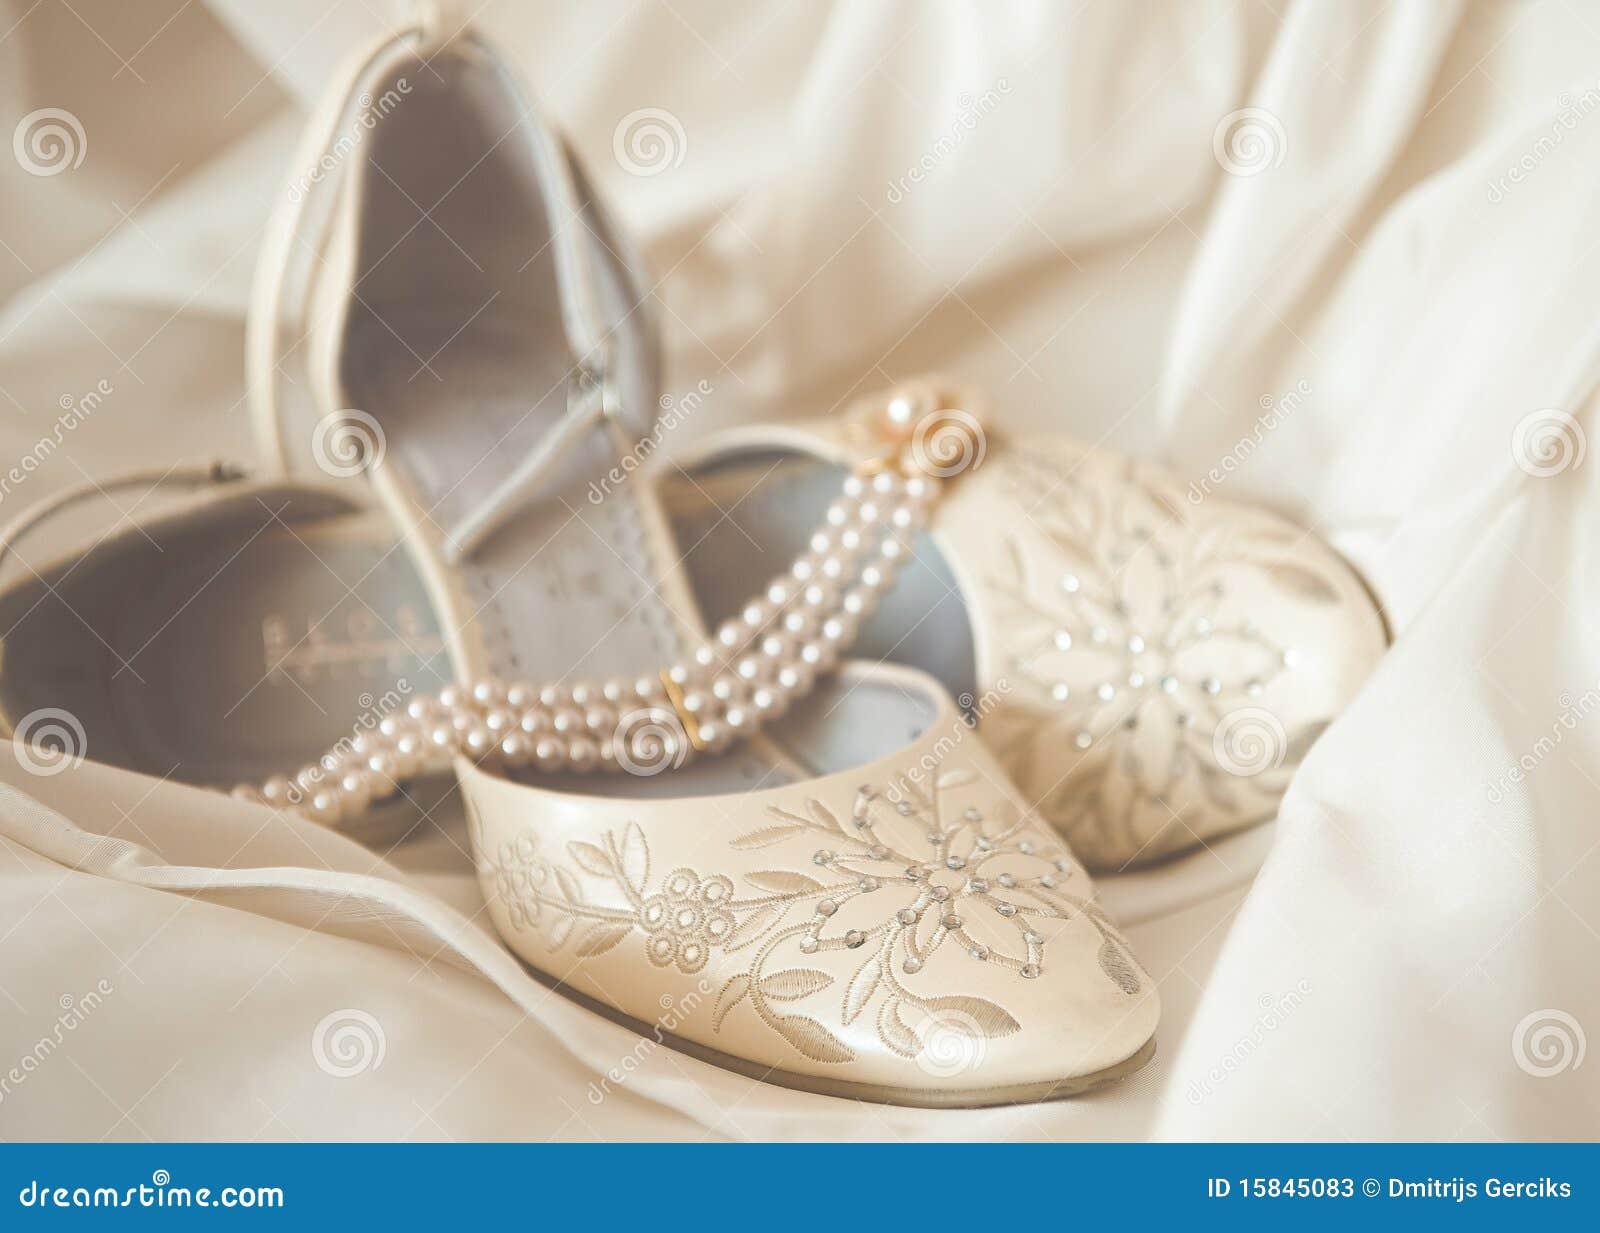 Beautiful Luxury White Wedding Shoes Stock Photos